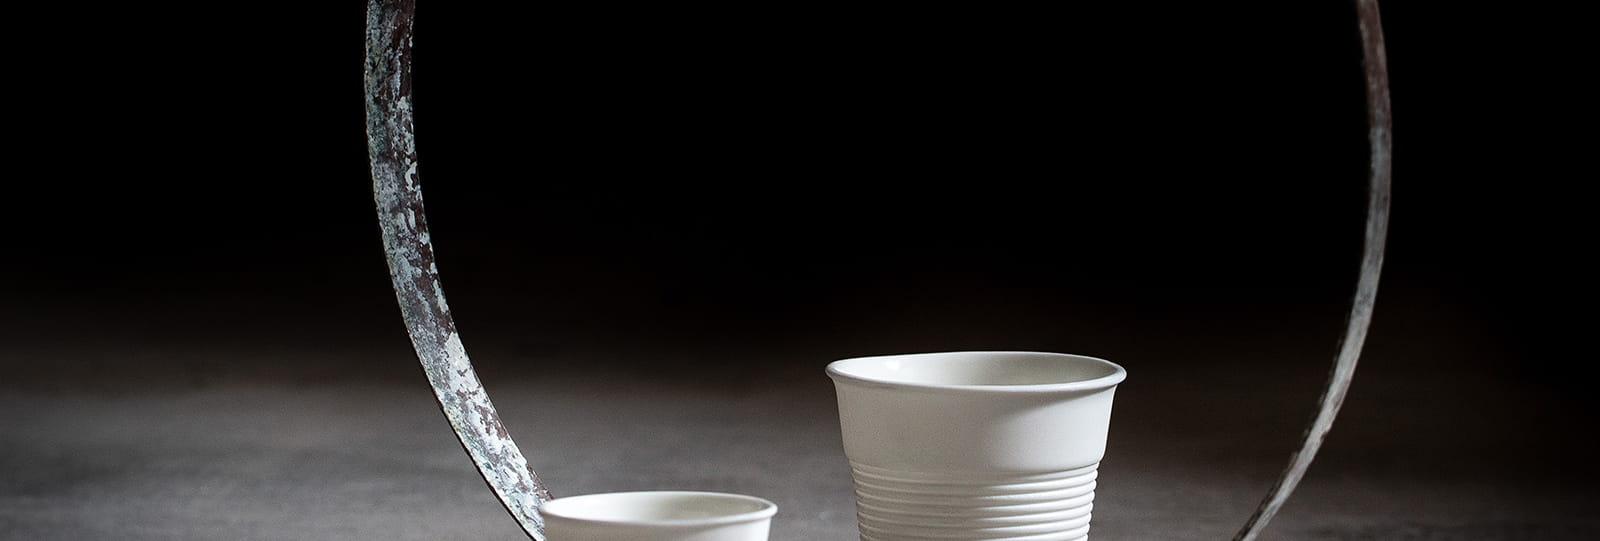 Magasin d'usine Revol Porcelaine